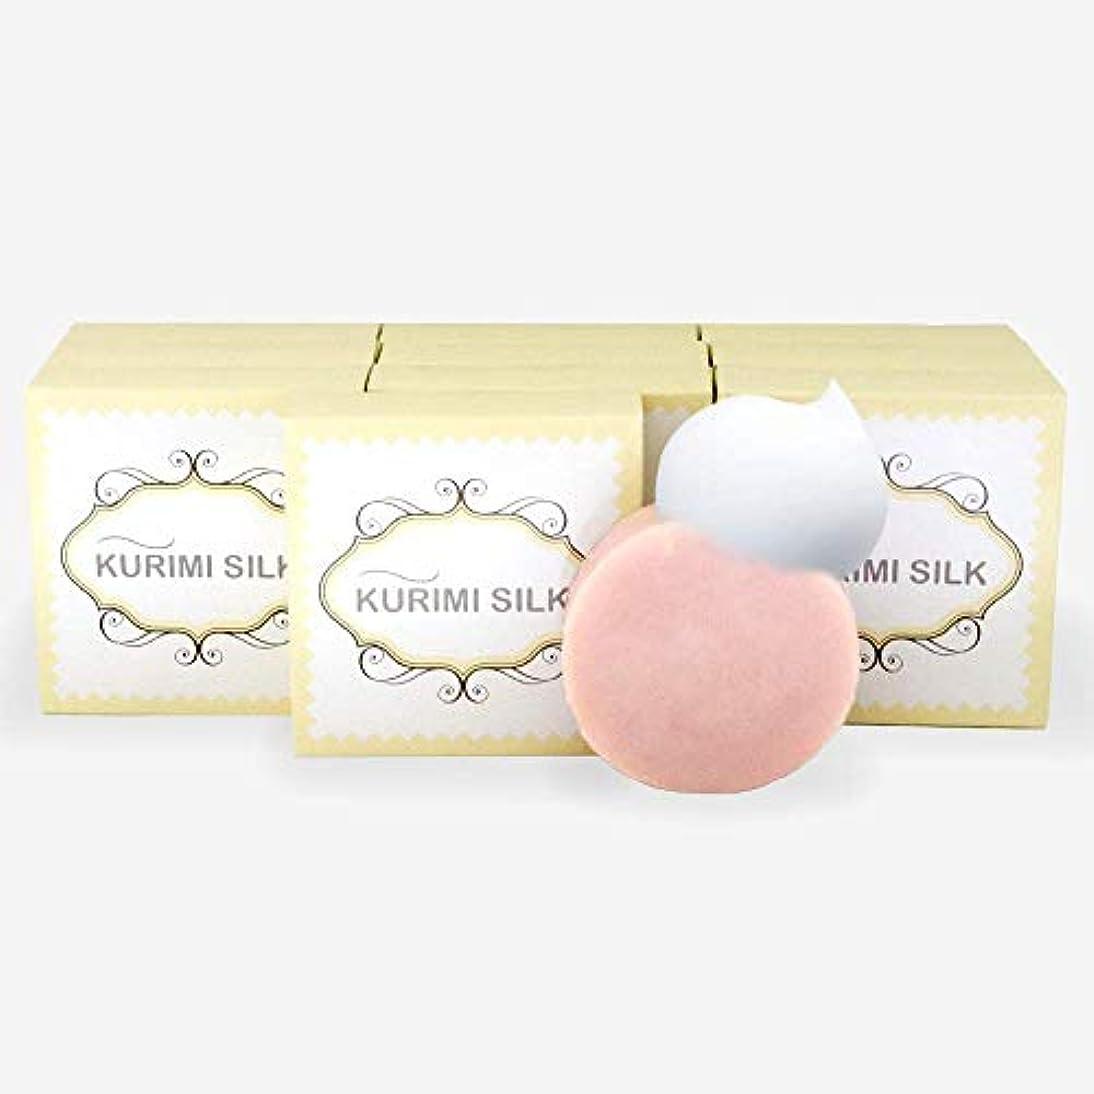 認めるスワップギャンブルヒップ 背中 ニキビ 角質 美白 保湿 体臭 ケア KURIMI SILK [ クリミシルク ] デオドラント 高級化粧石鹸/枠練り石鹸 80g(10個)